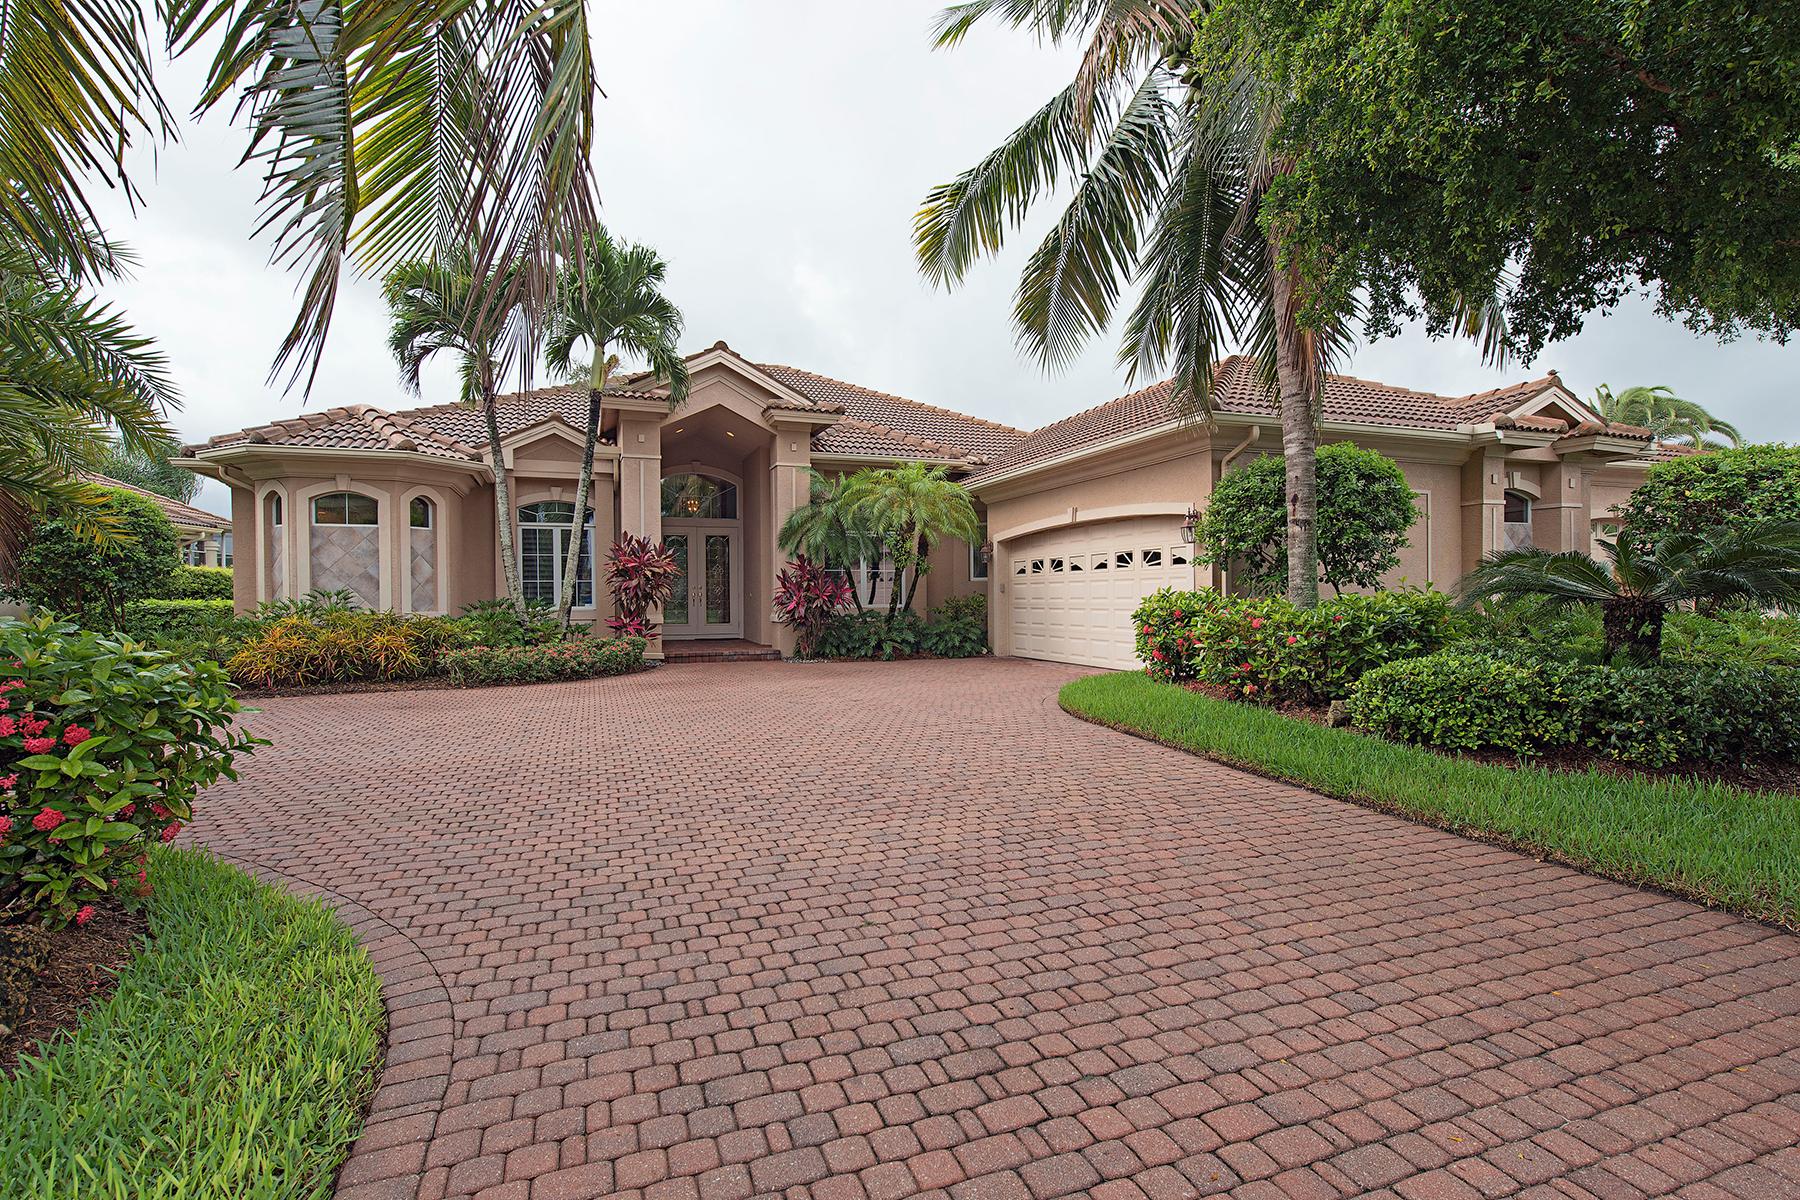 一戸建て のために 売買 アット The Strand 5970 Amberwood Dr Naples, フロリダ, 34110 アメリカ合衆国